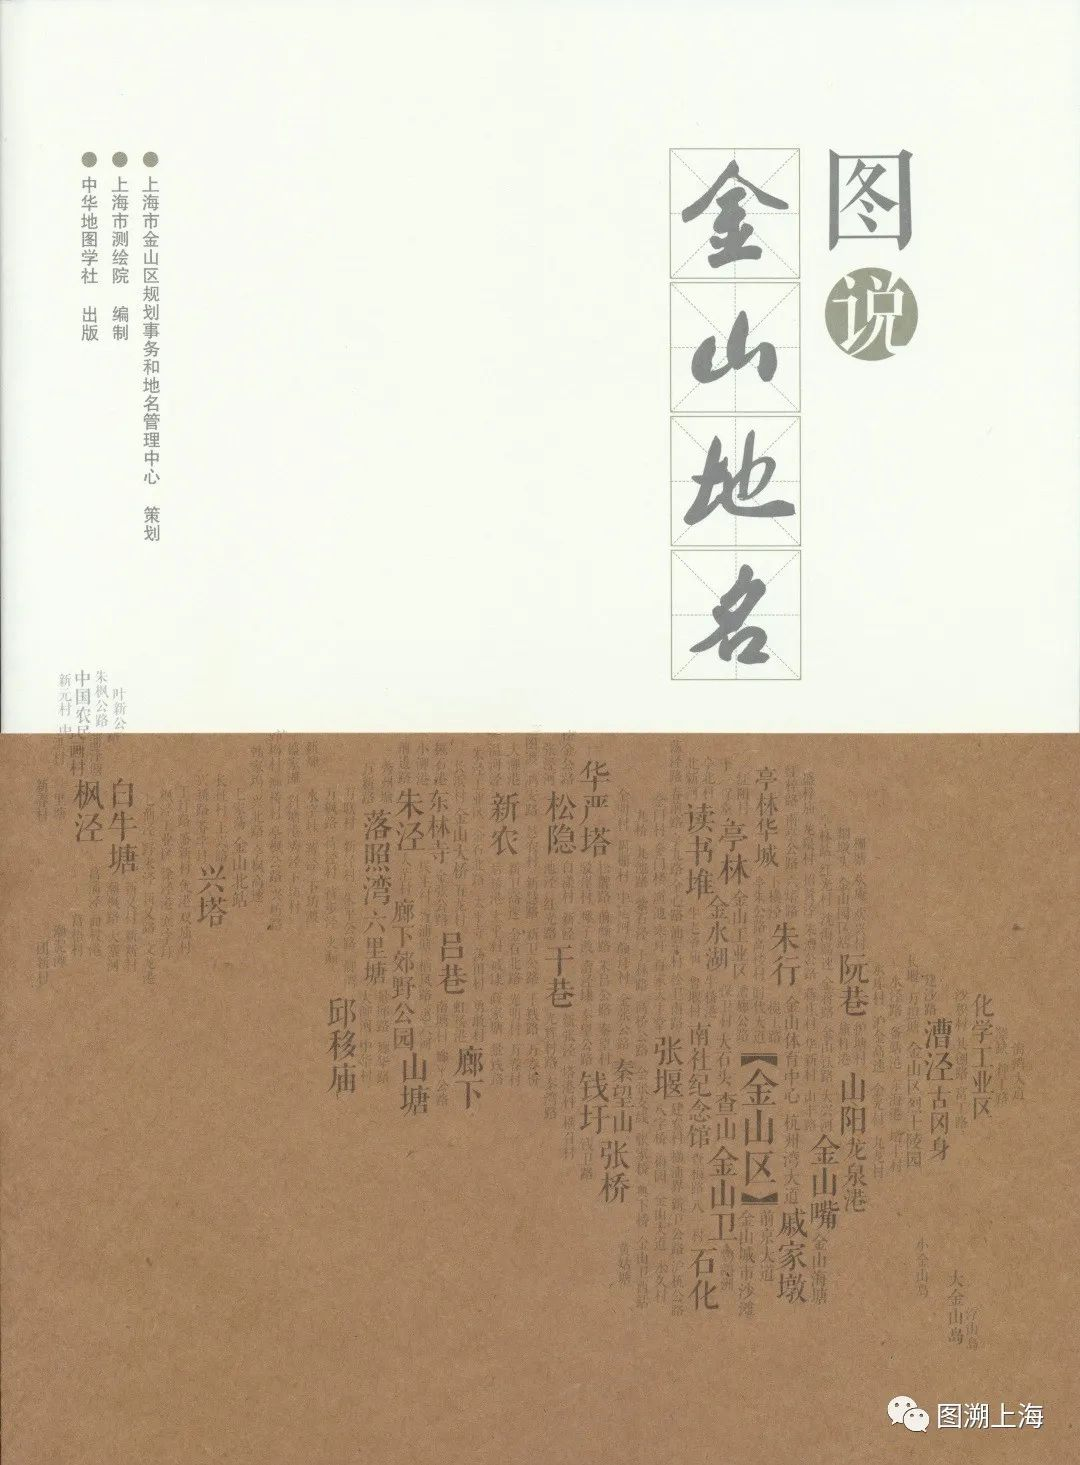 图说金山地名:枫泾古镇与中国农民画村